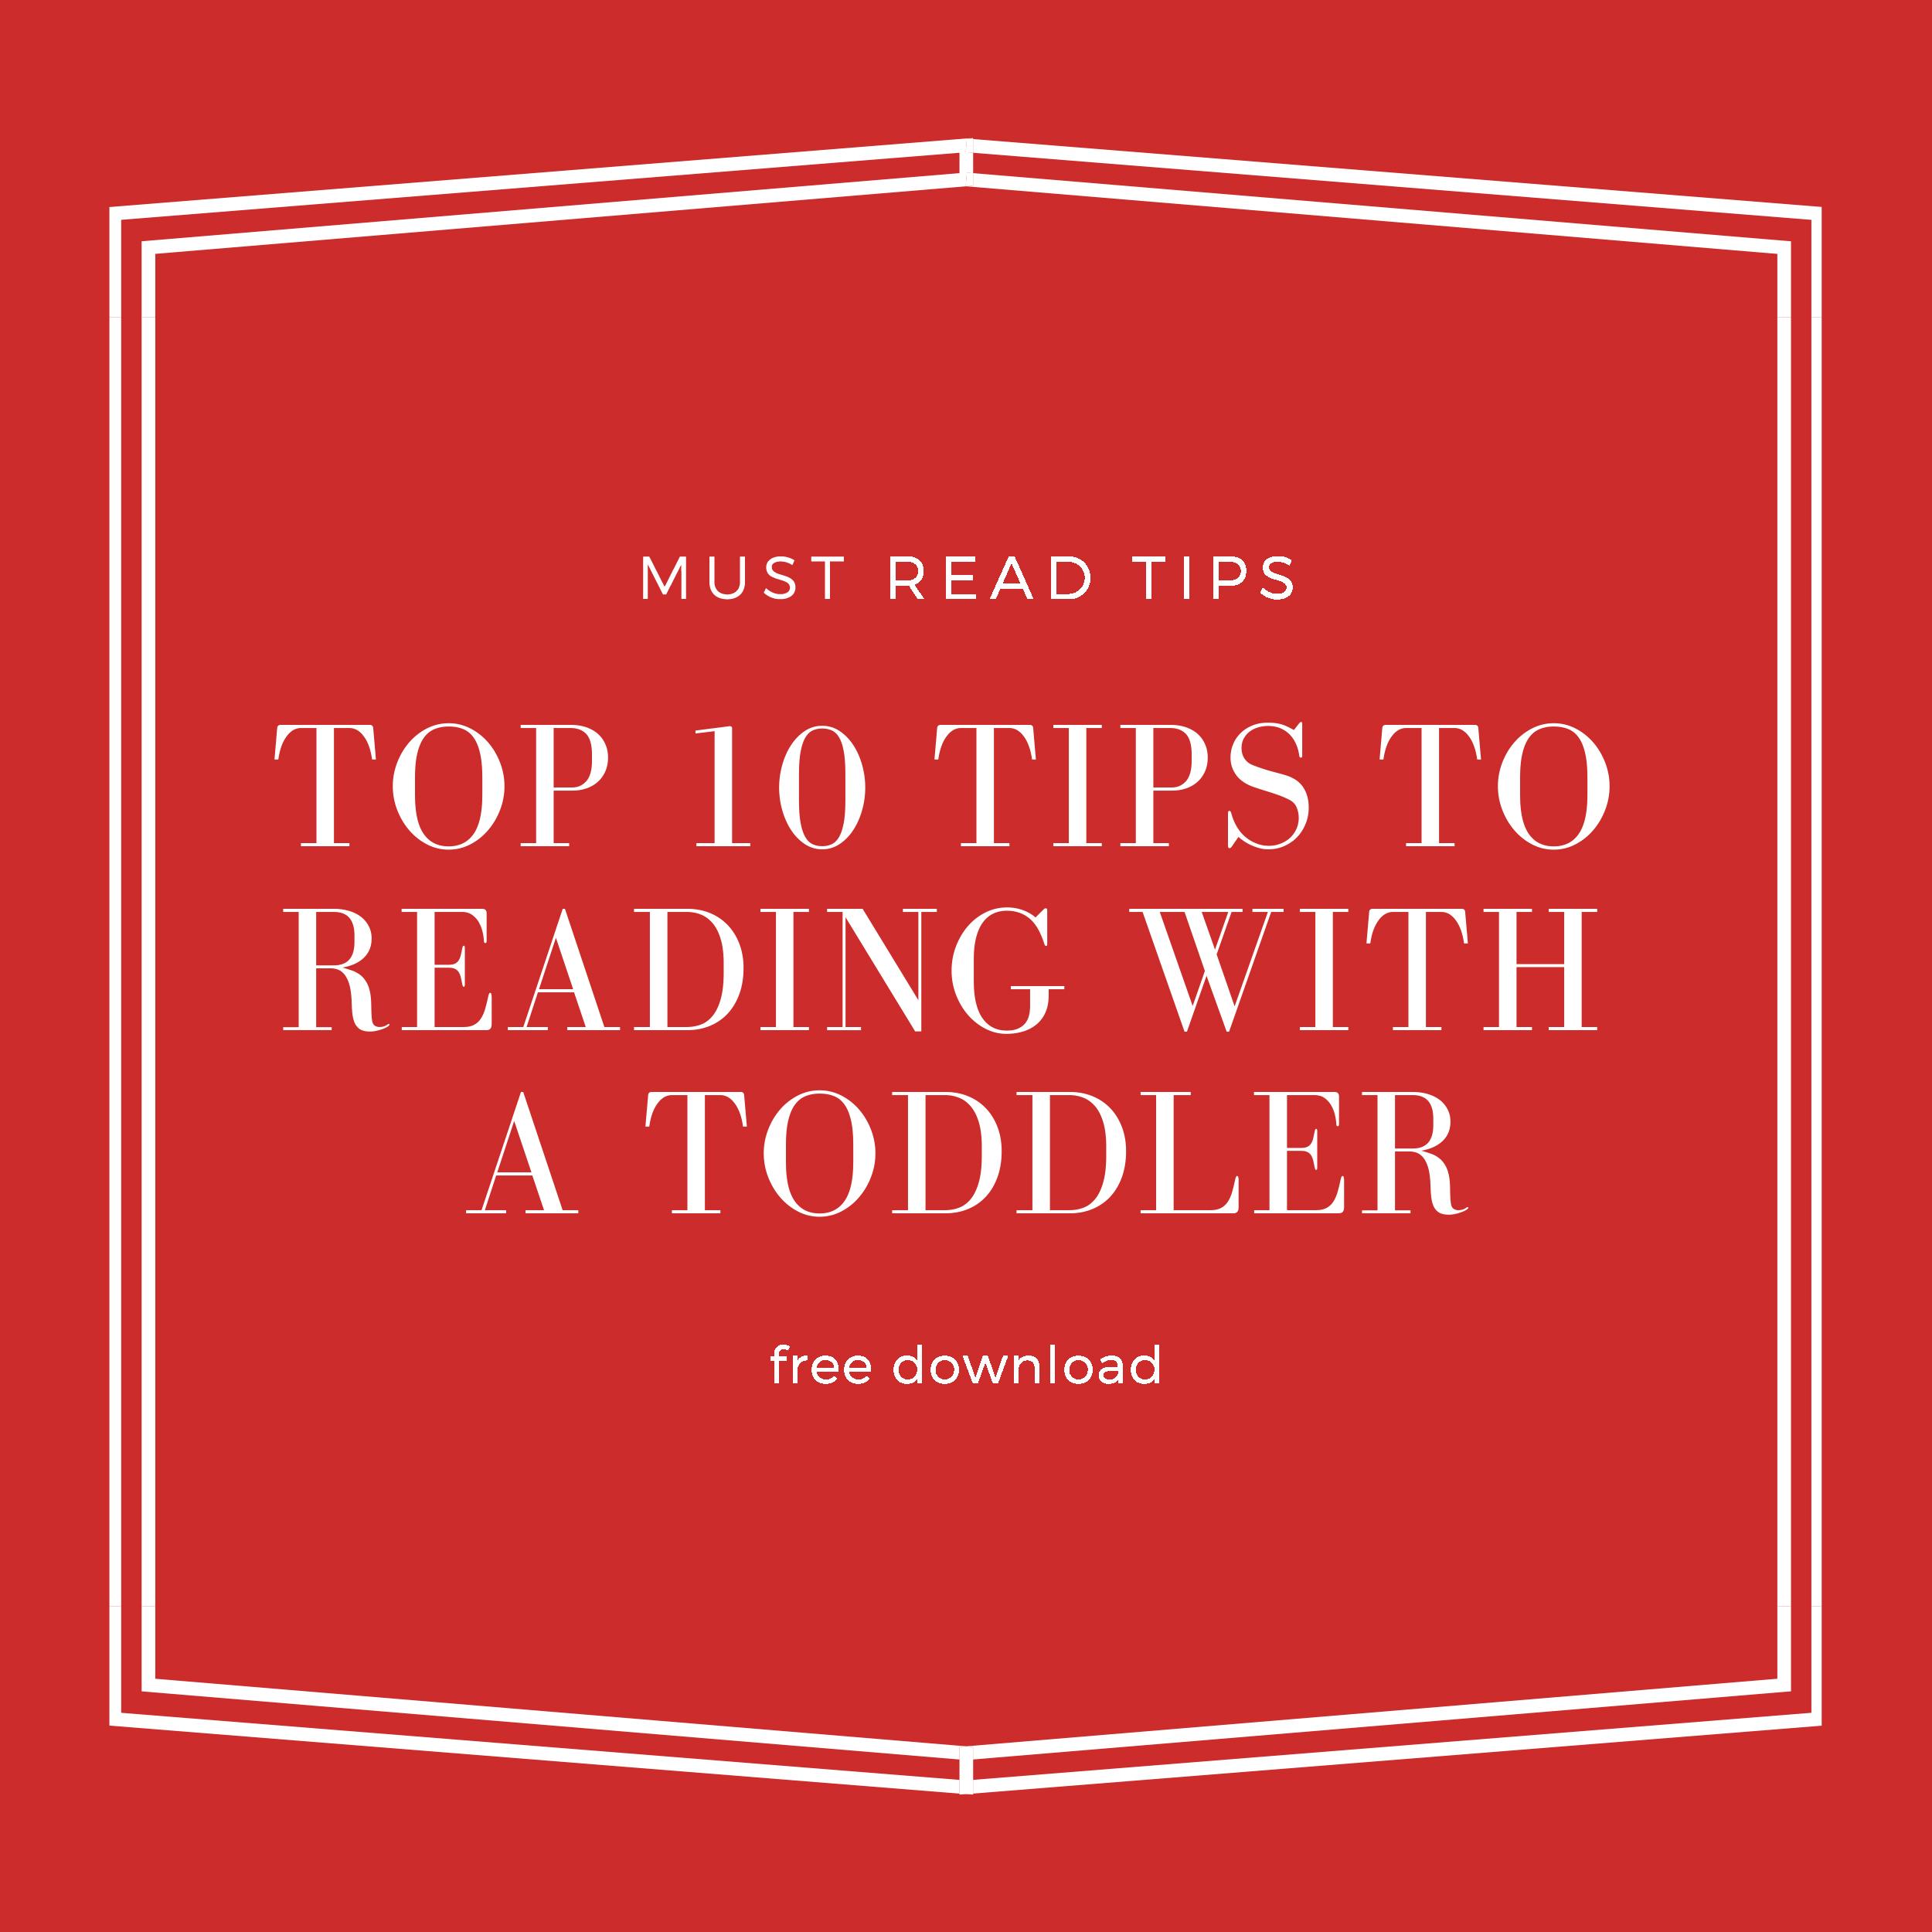 toddlertips.jpg